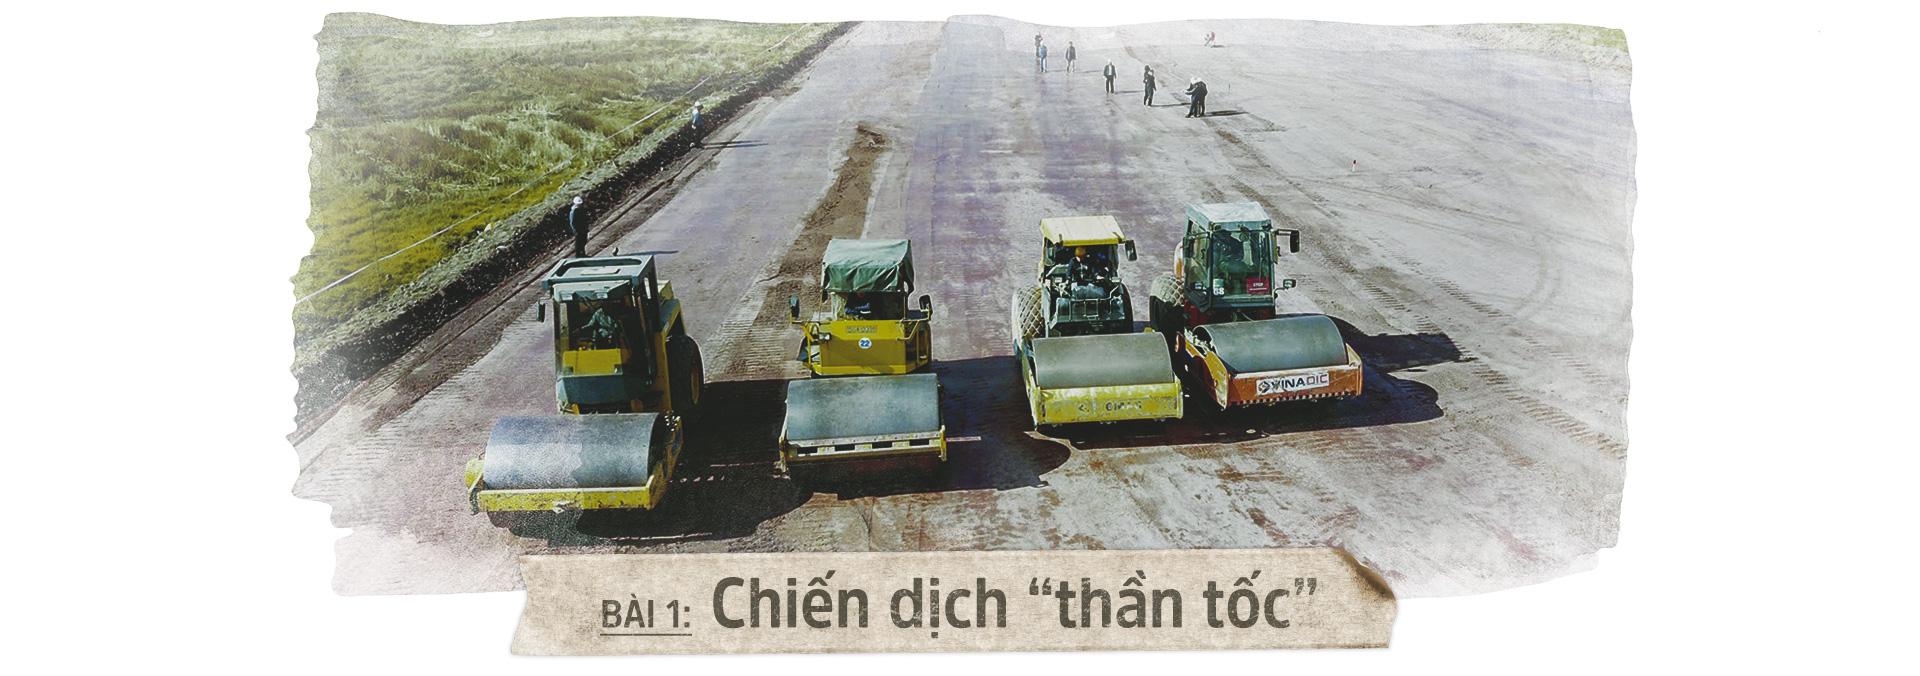 Quảng Ninh - Vì một tuyến cao tốc dài nhất Việt Nam - Ảnh 1.